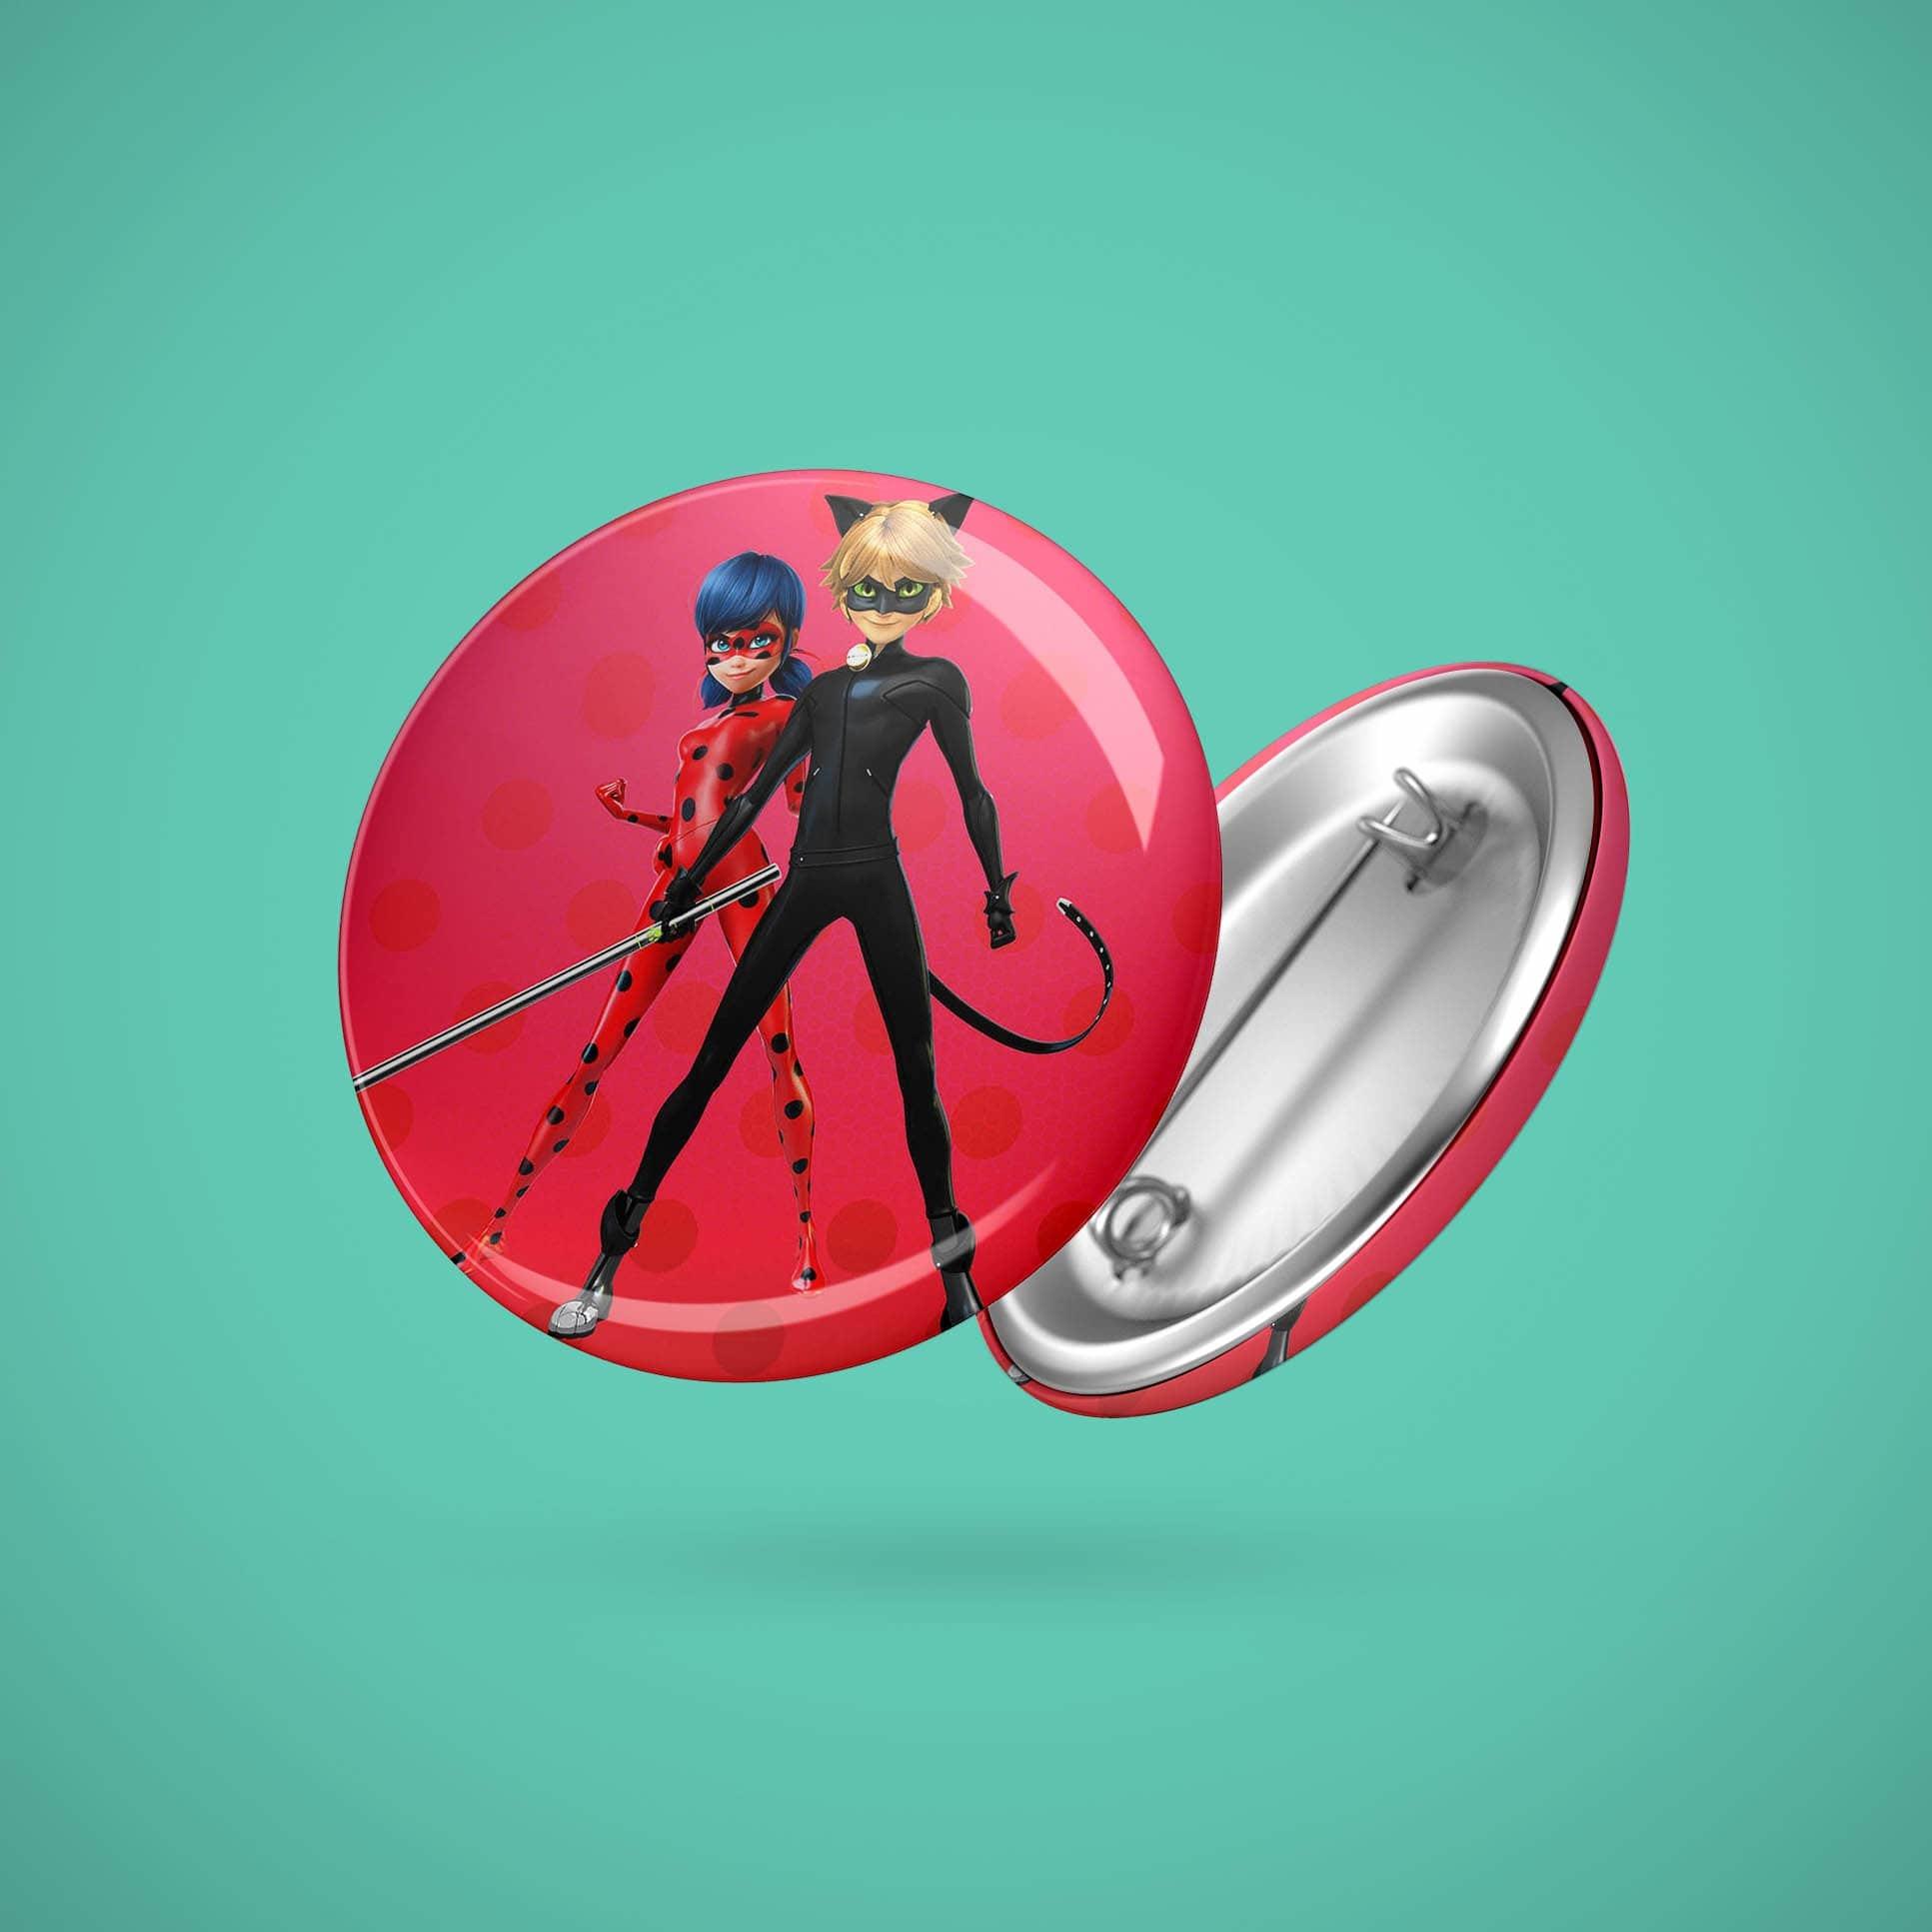 Большой значок с Леди Баг и Супер Котом - купить в интернет-магазине kinoshop24.ru